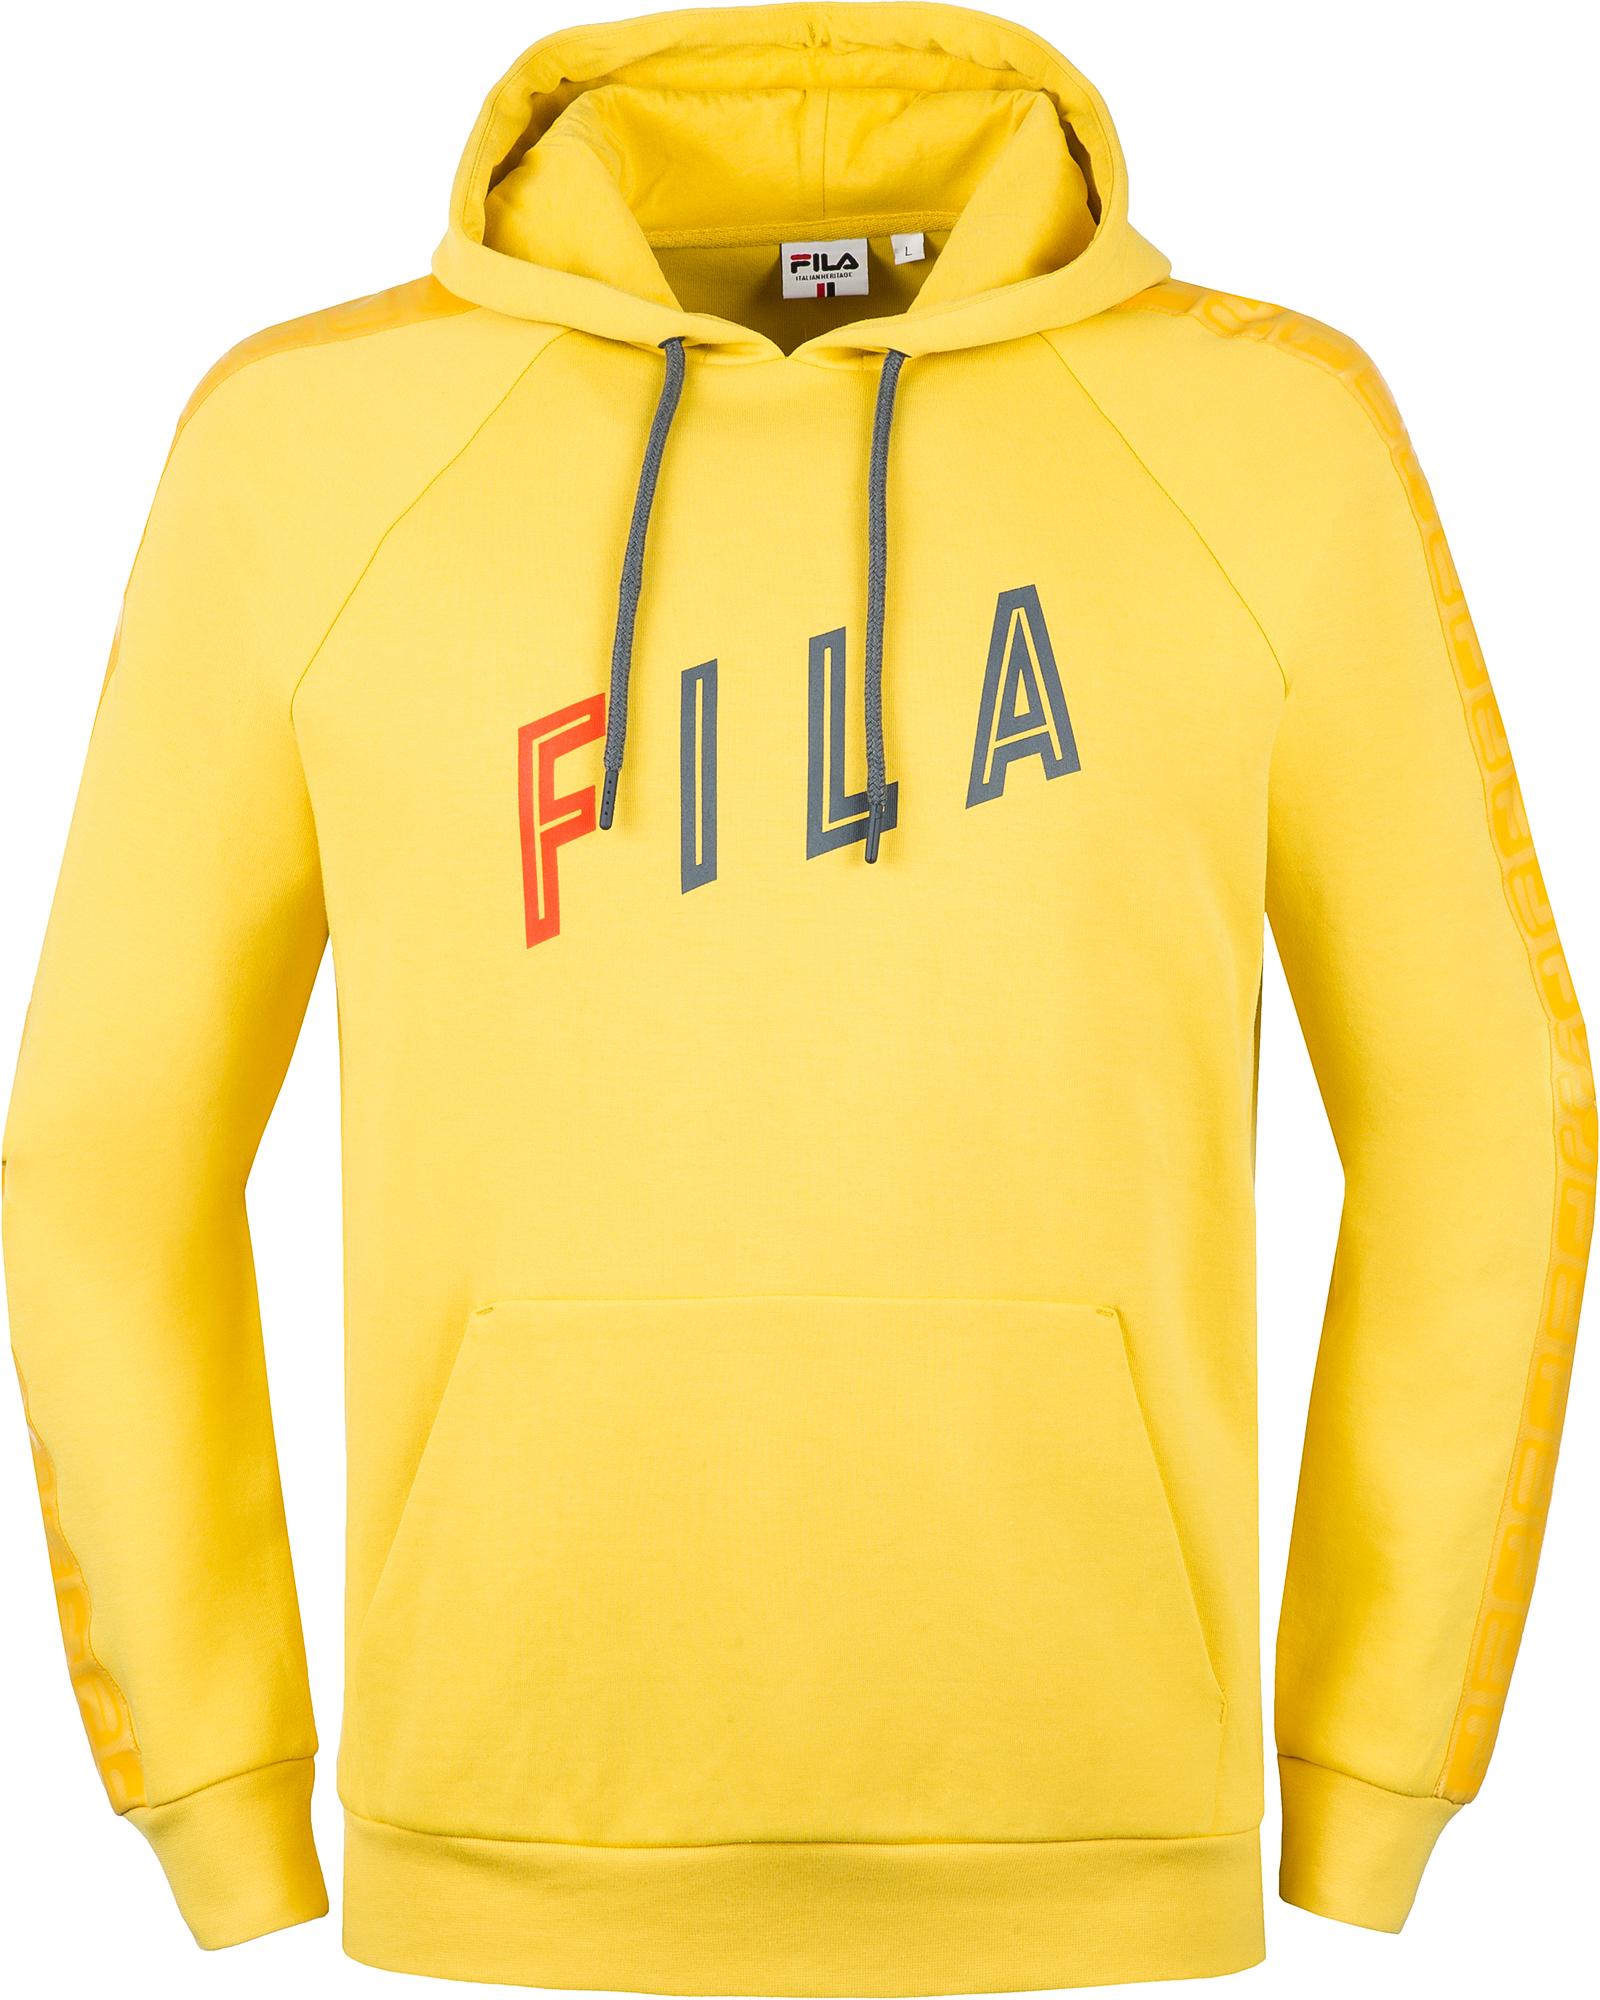 худи fila girl s jumper Fila Худи мужская Fila, размер 50